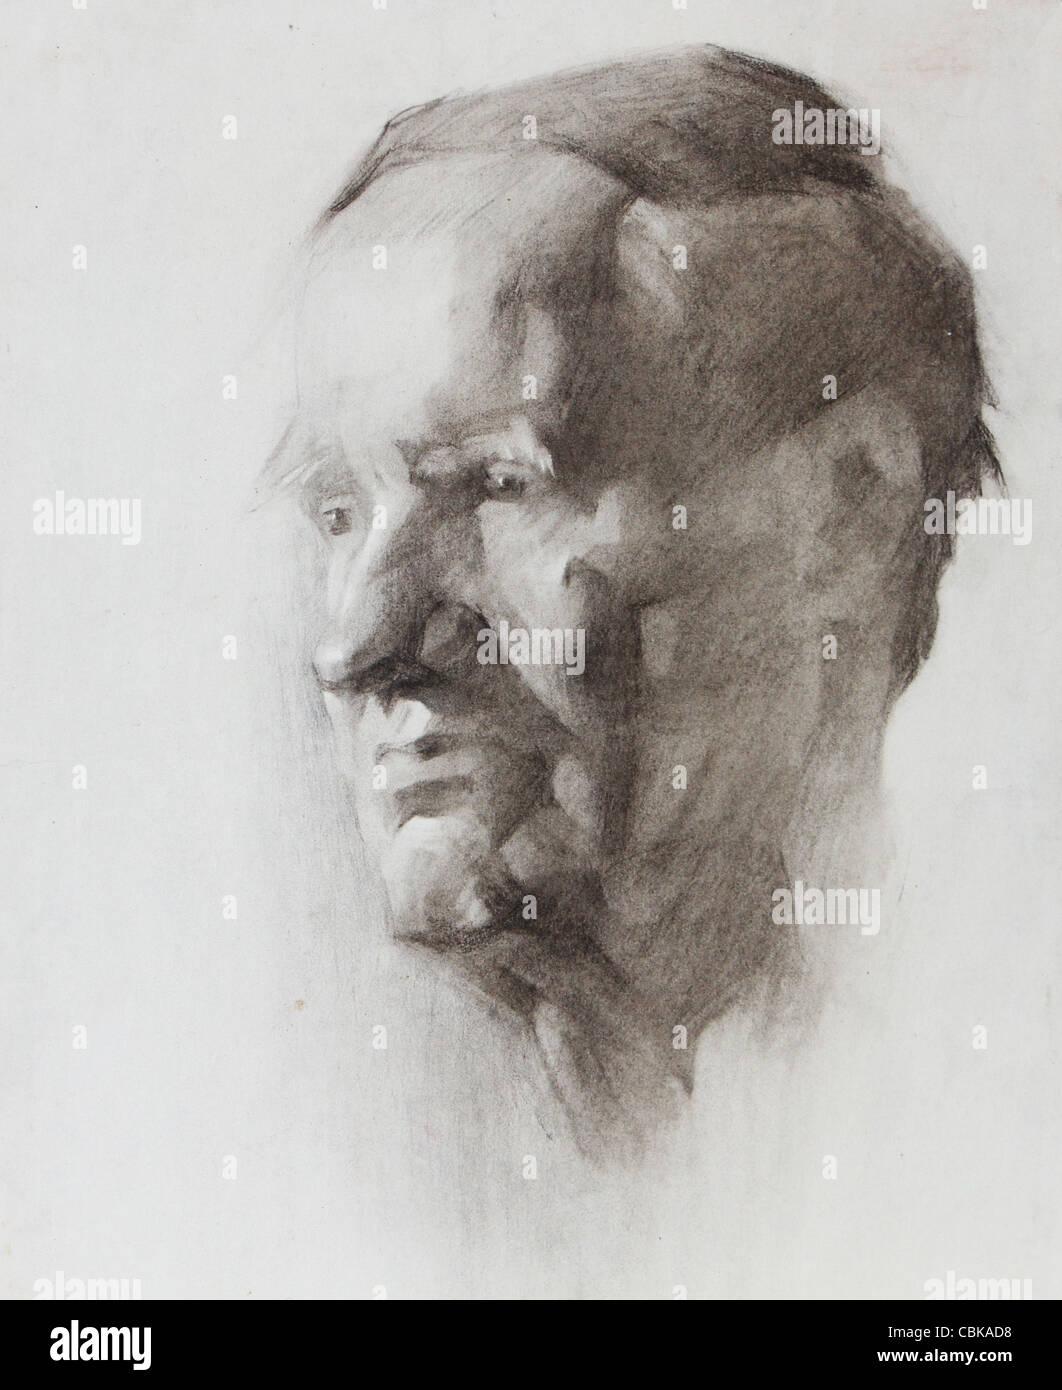 Image portrait d'un vieil homme peint par crayon Photo Stock